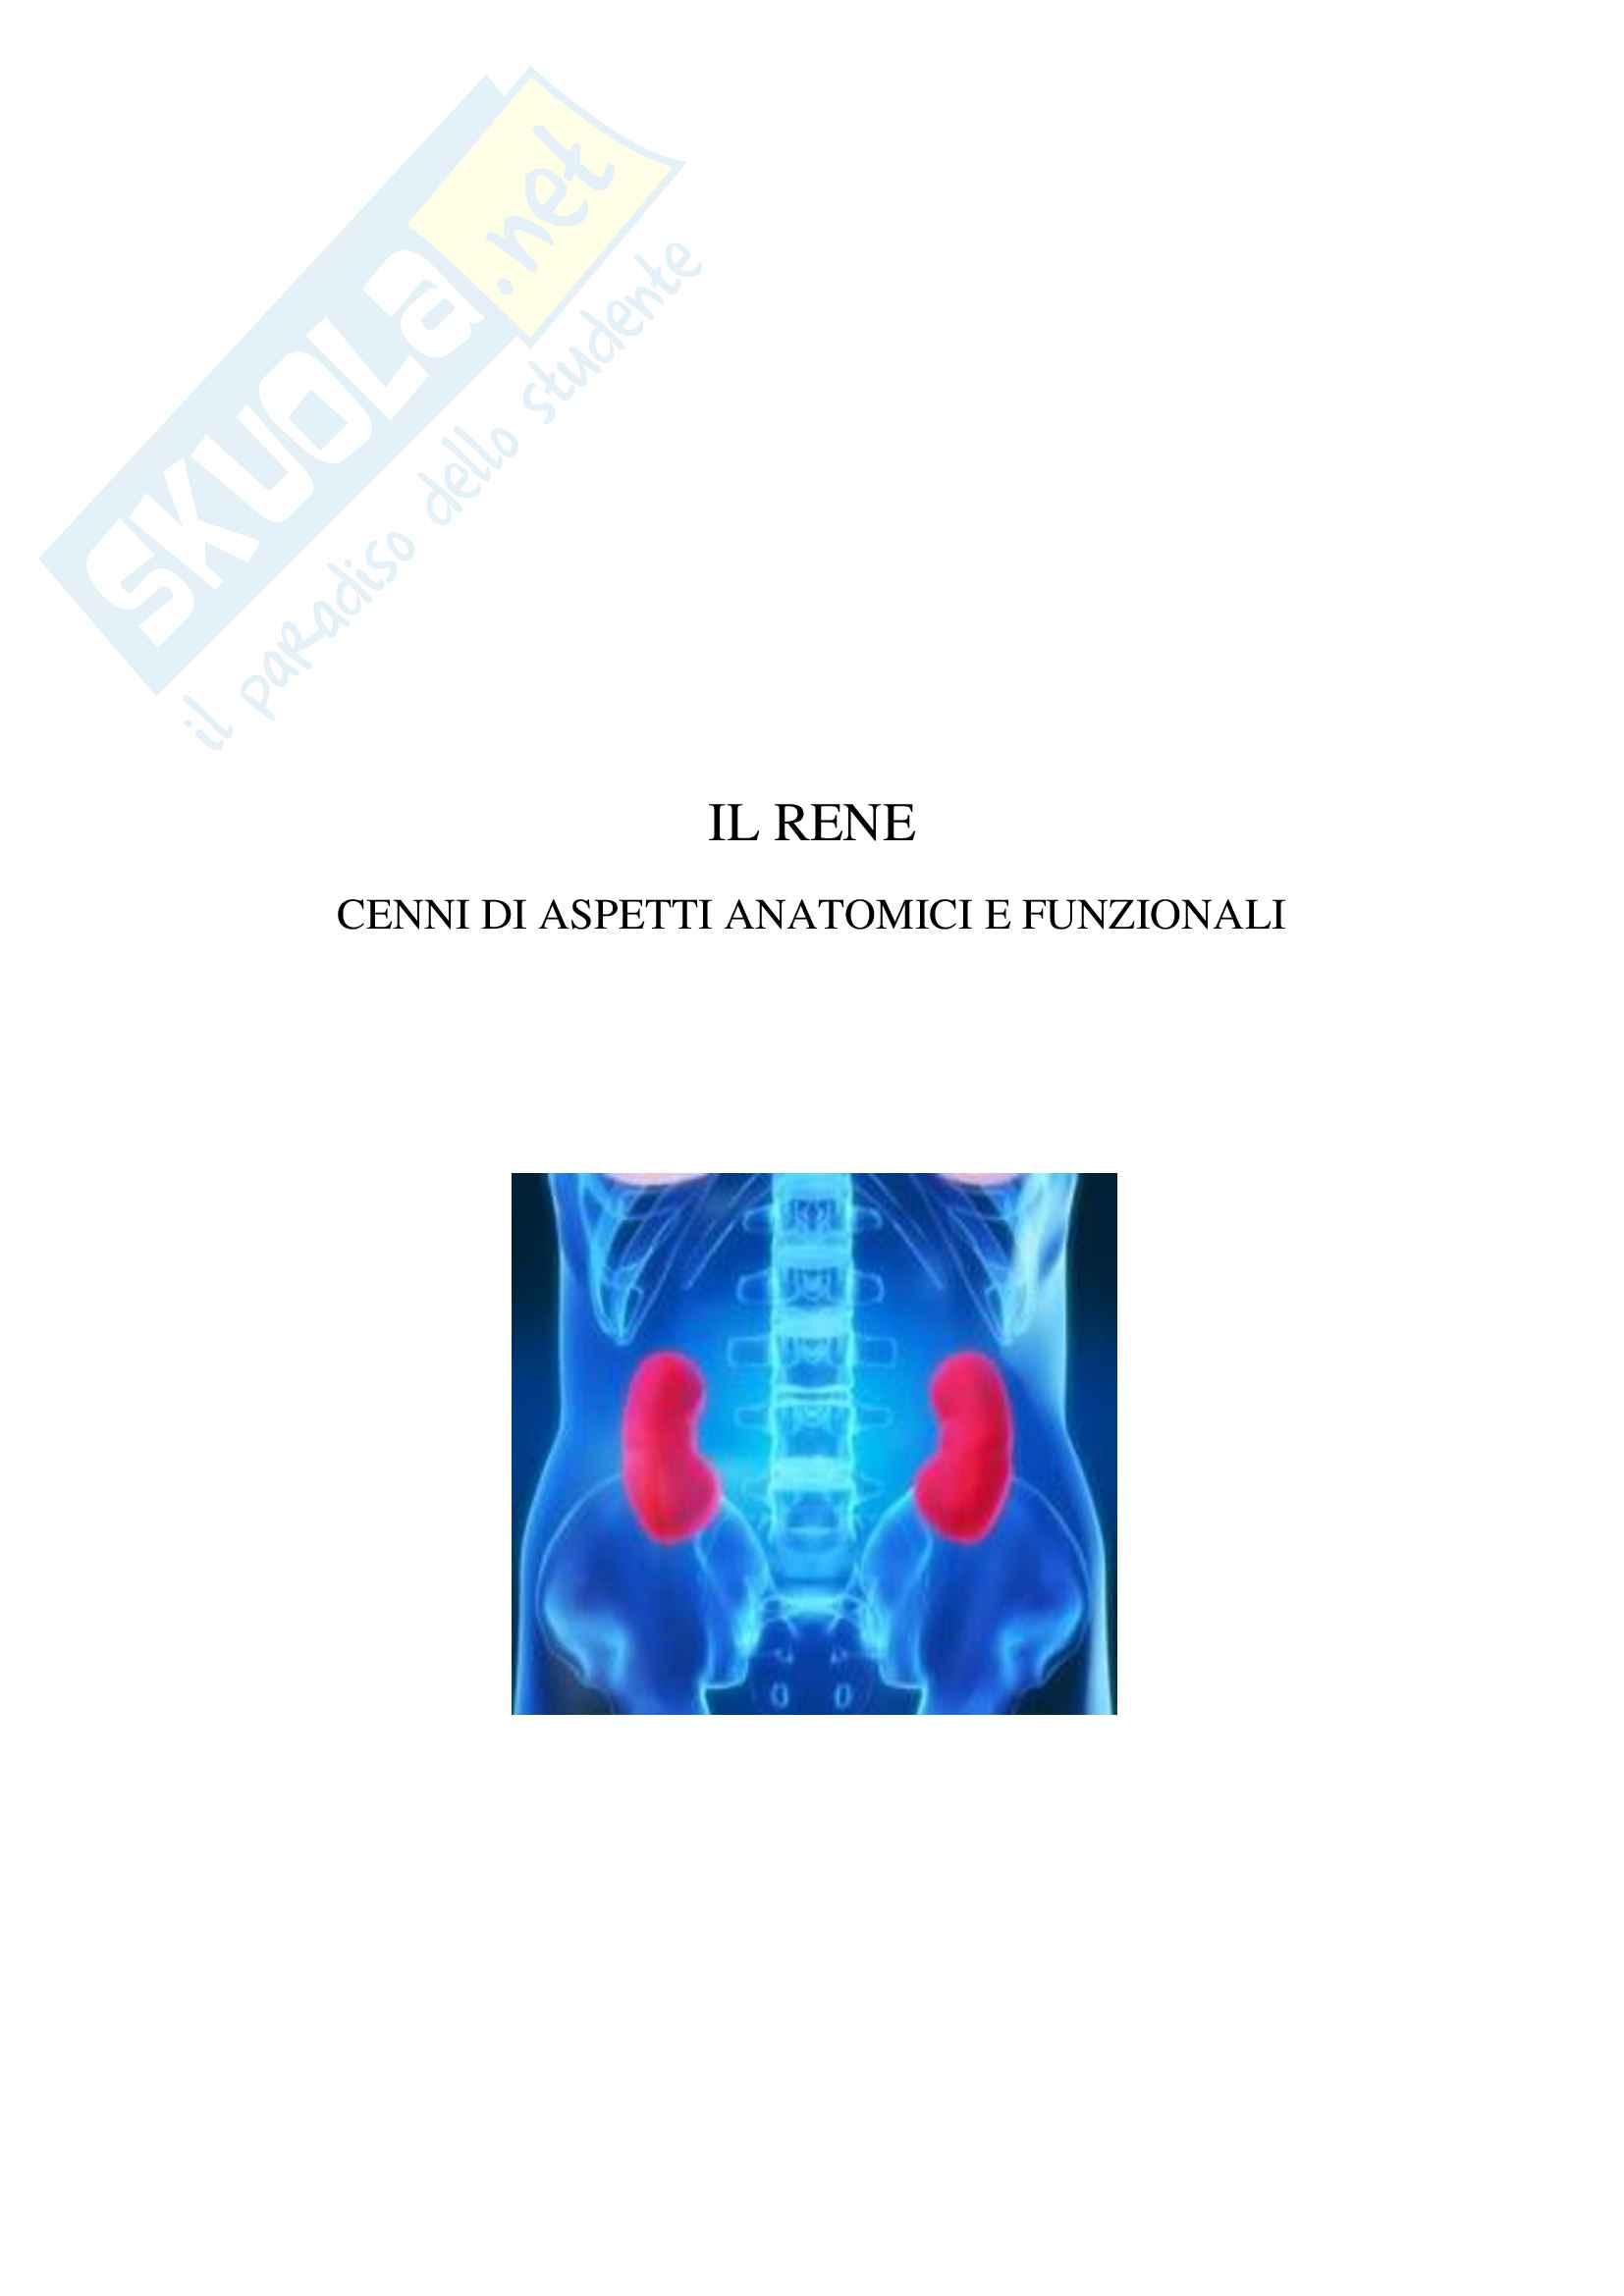 IL rene cenni e apetti anatomici e funzionali